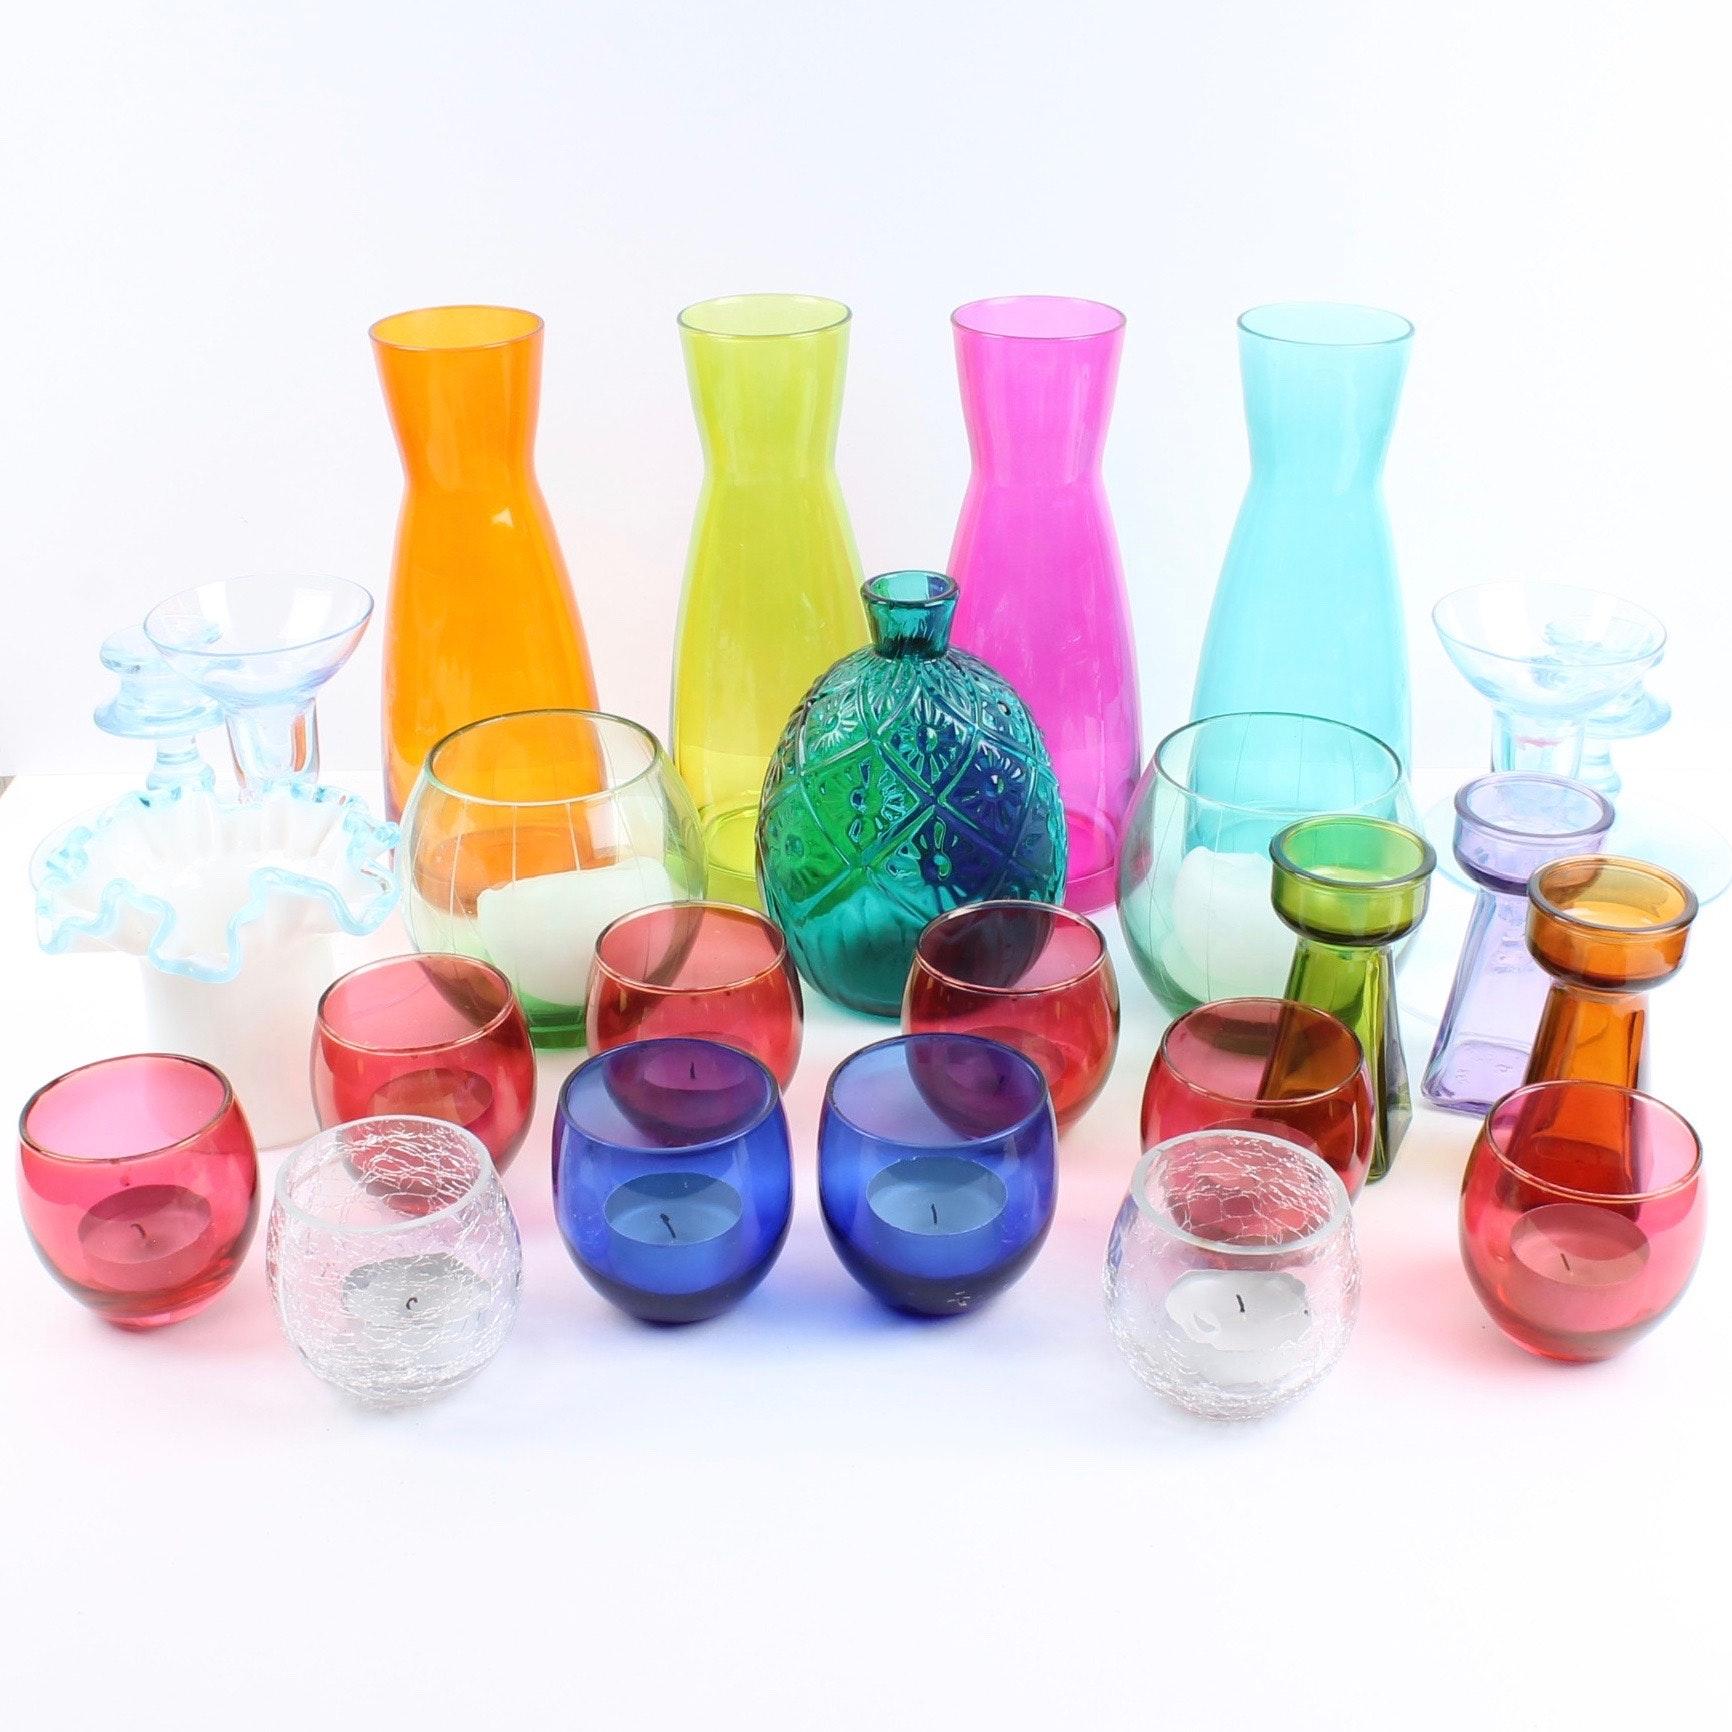 Decorative Colored Glassware Featuring MMA